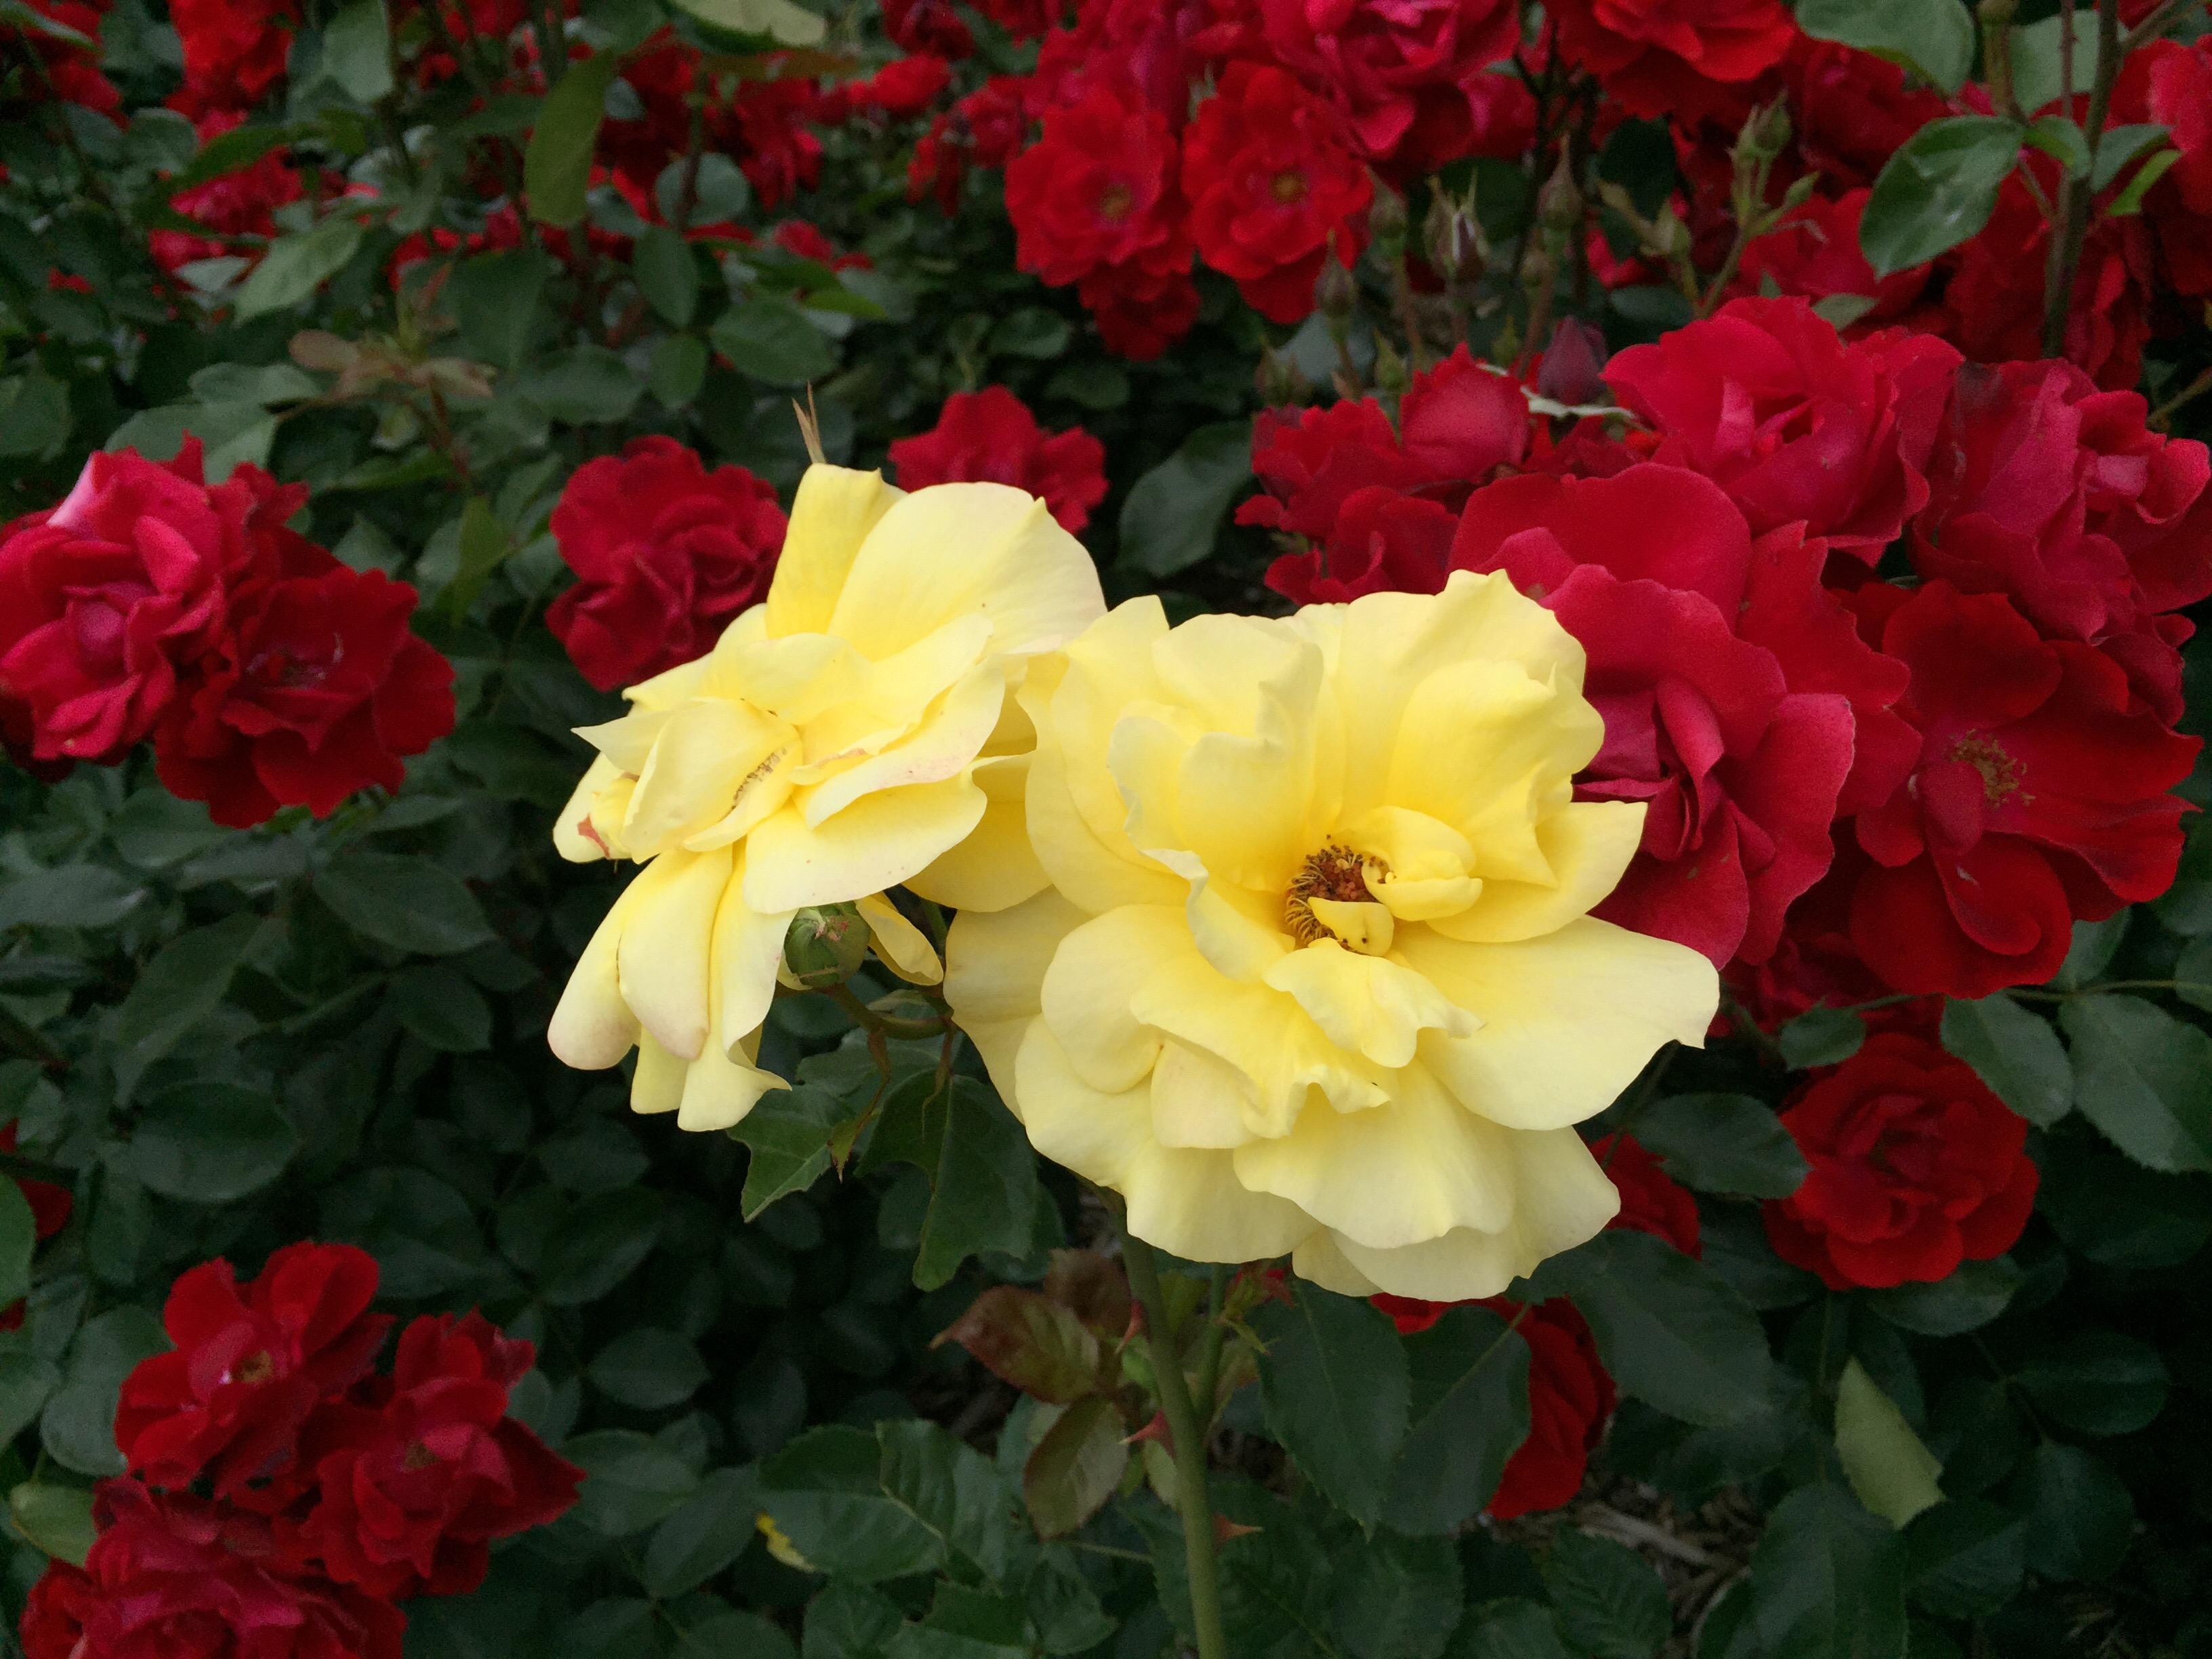 セローでお散歩 播磨中央公園の薔薇